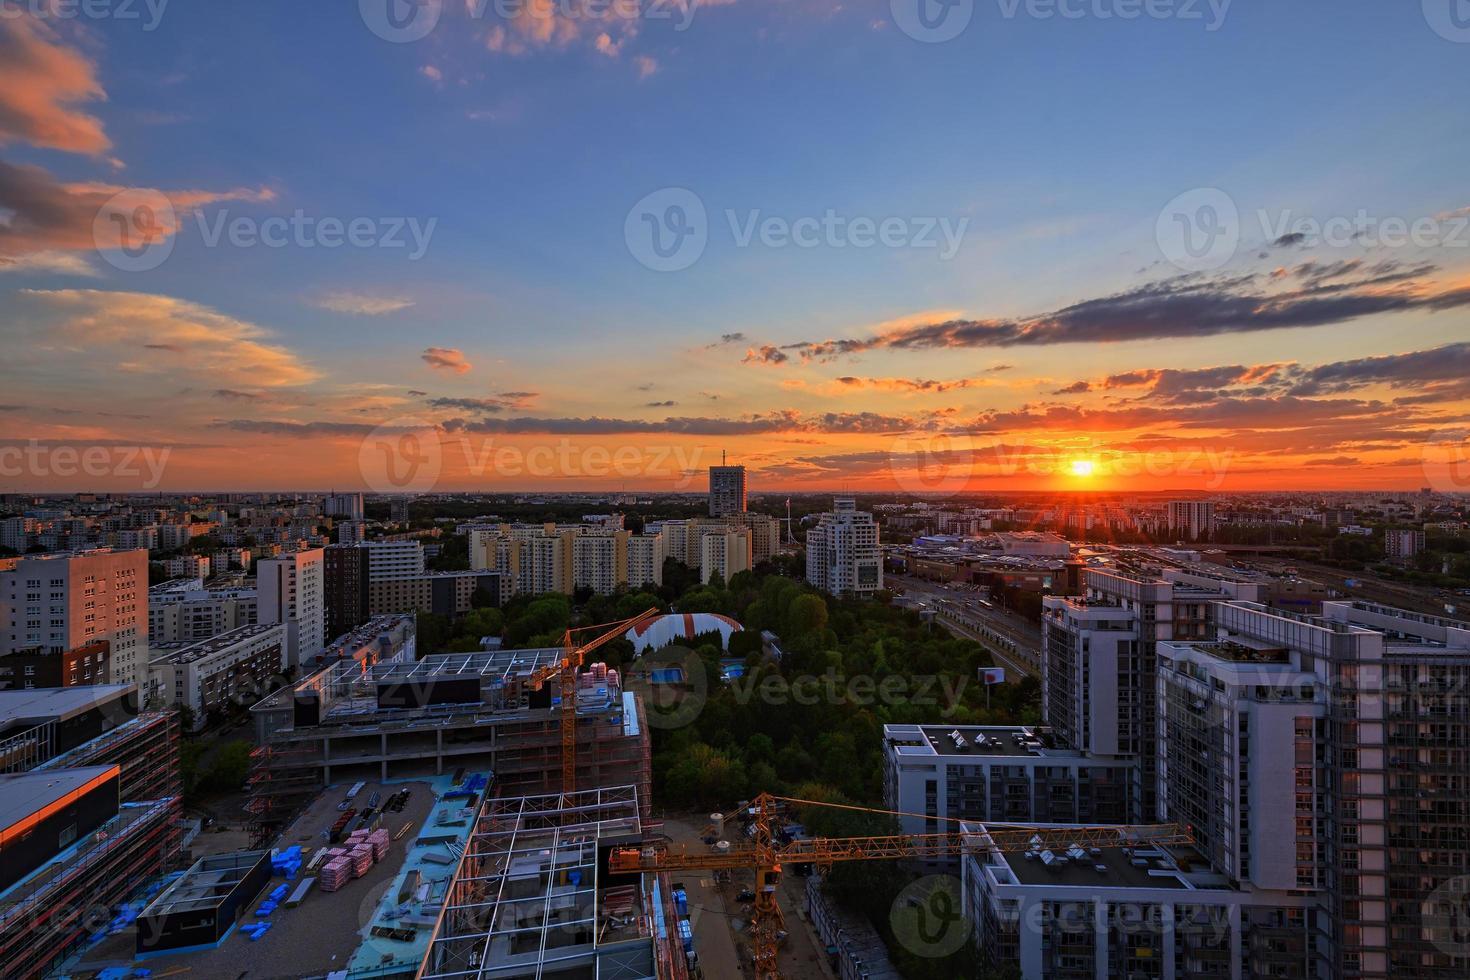 Sonnenuntergang über Warschau foto